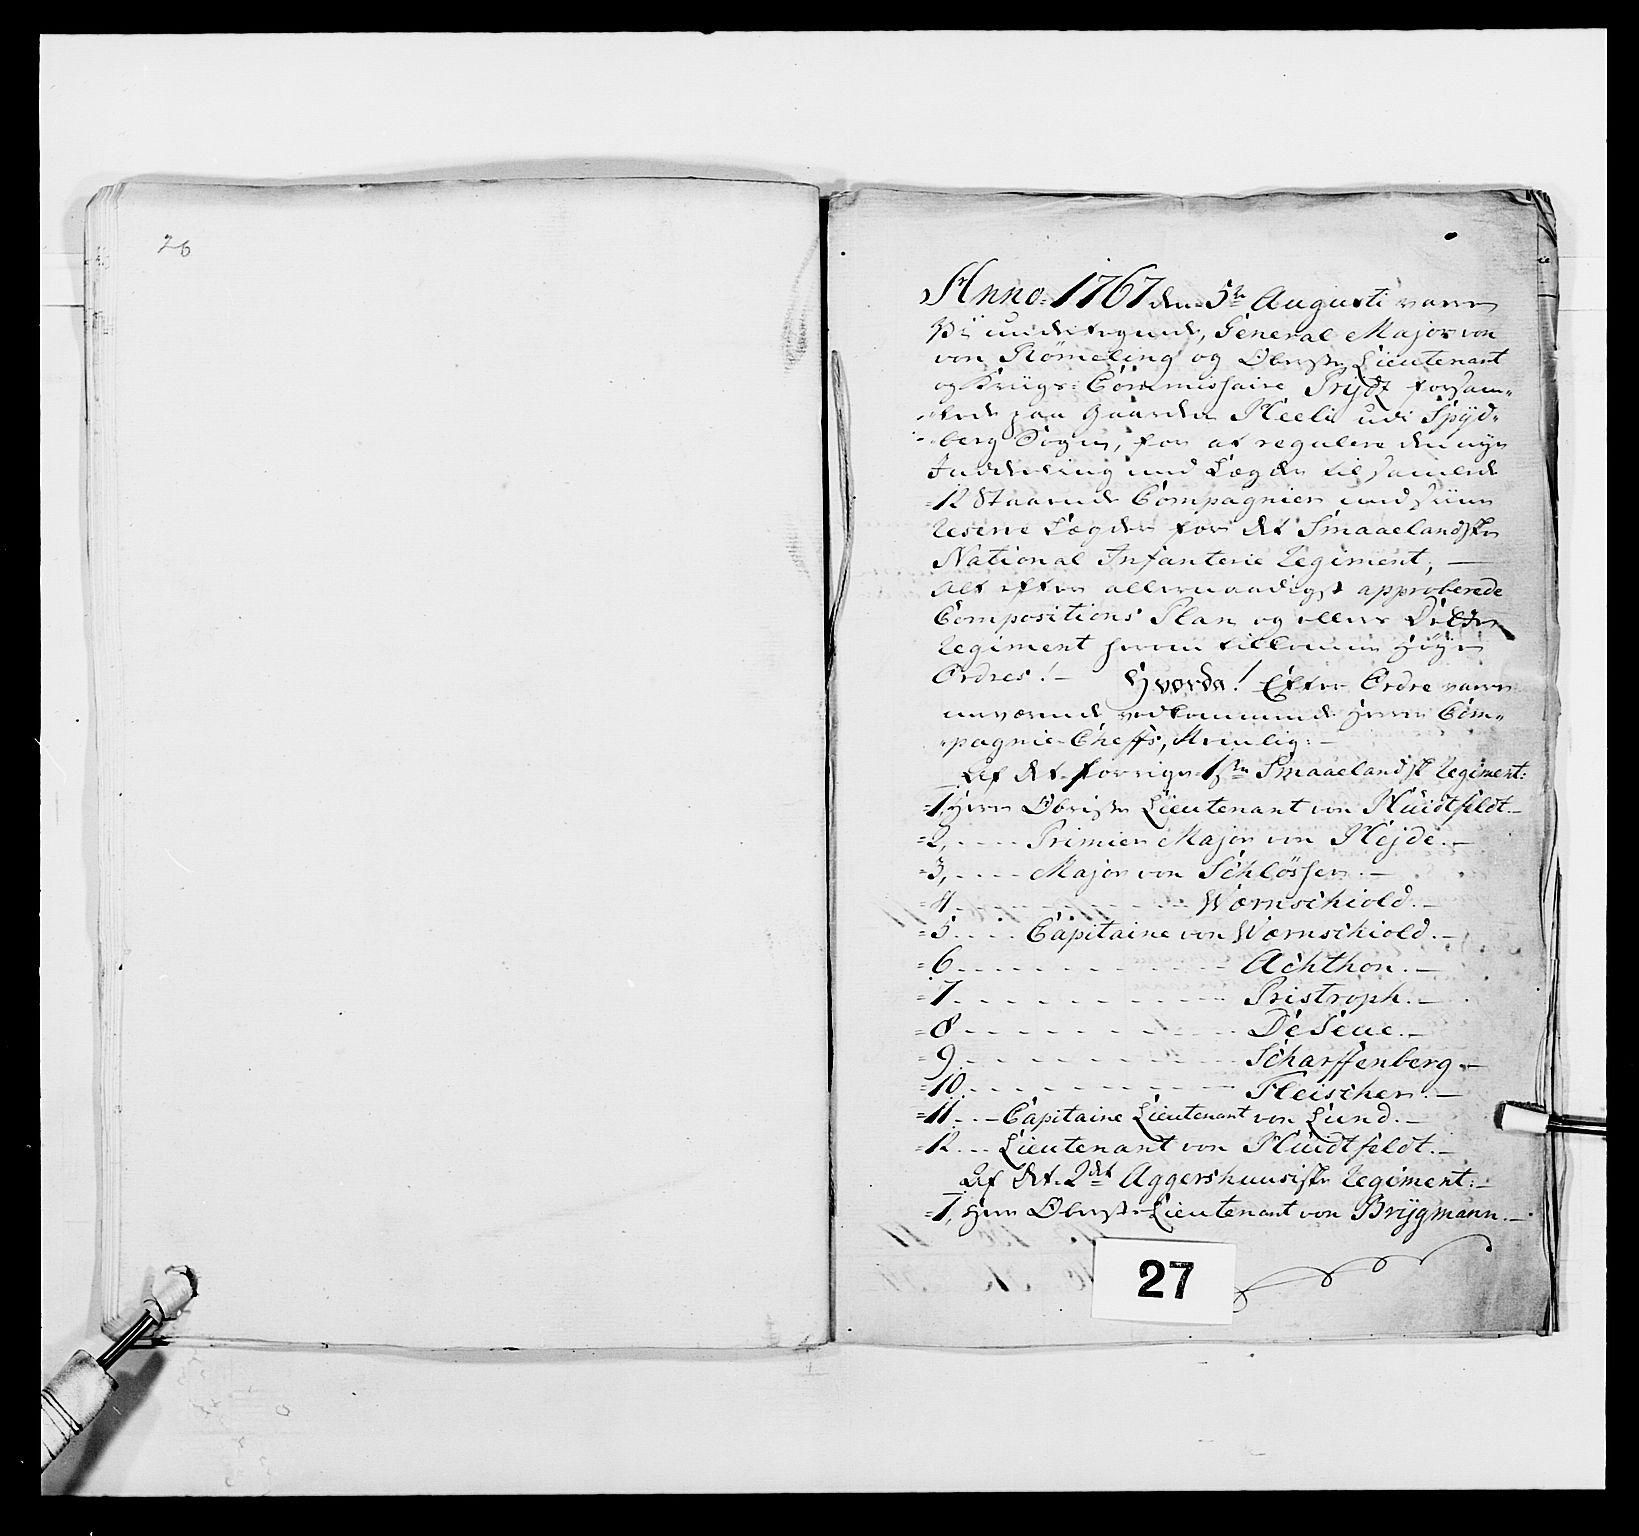 RA, Kommanderende general (KG I) med Det norske krigsdirektorium, E/Ea/L0496: 1. Smålenske regiment, 1765-1767, s. 504